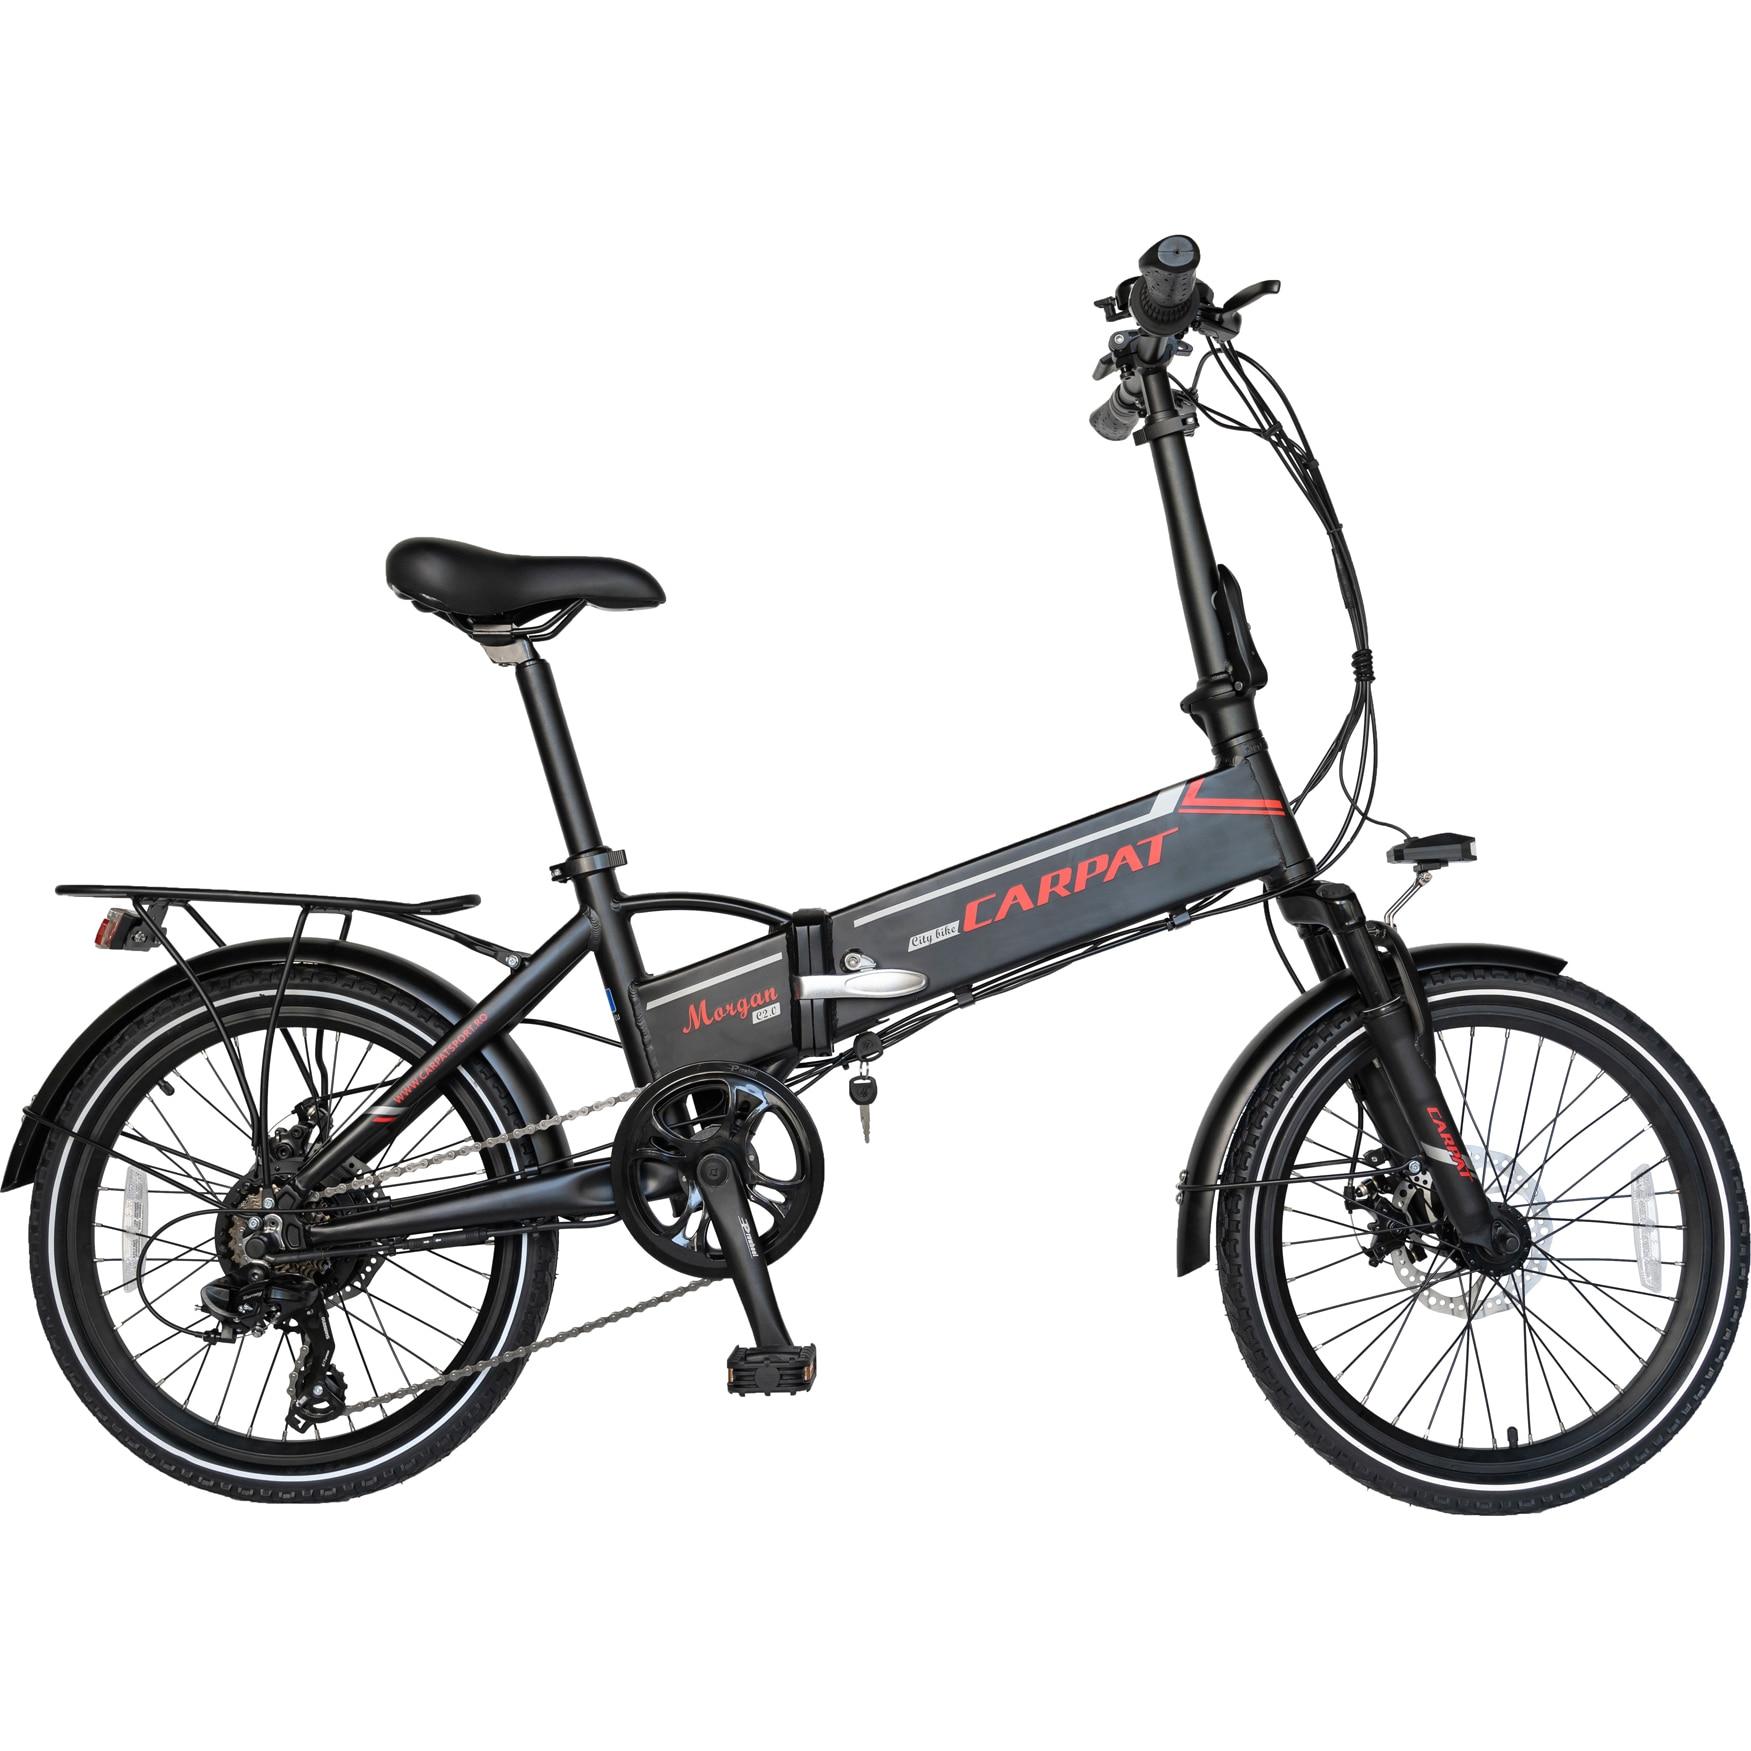 Fotografie Bicicleta Folding Electric Carpat C1003E, Negru/Rosu